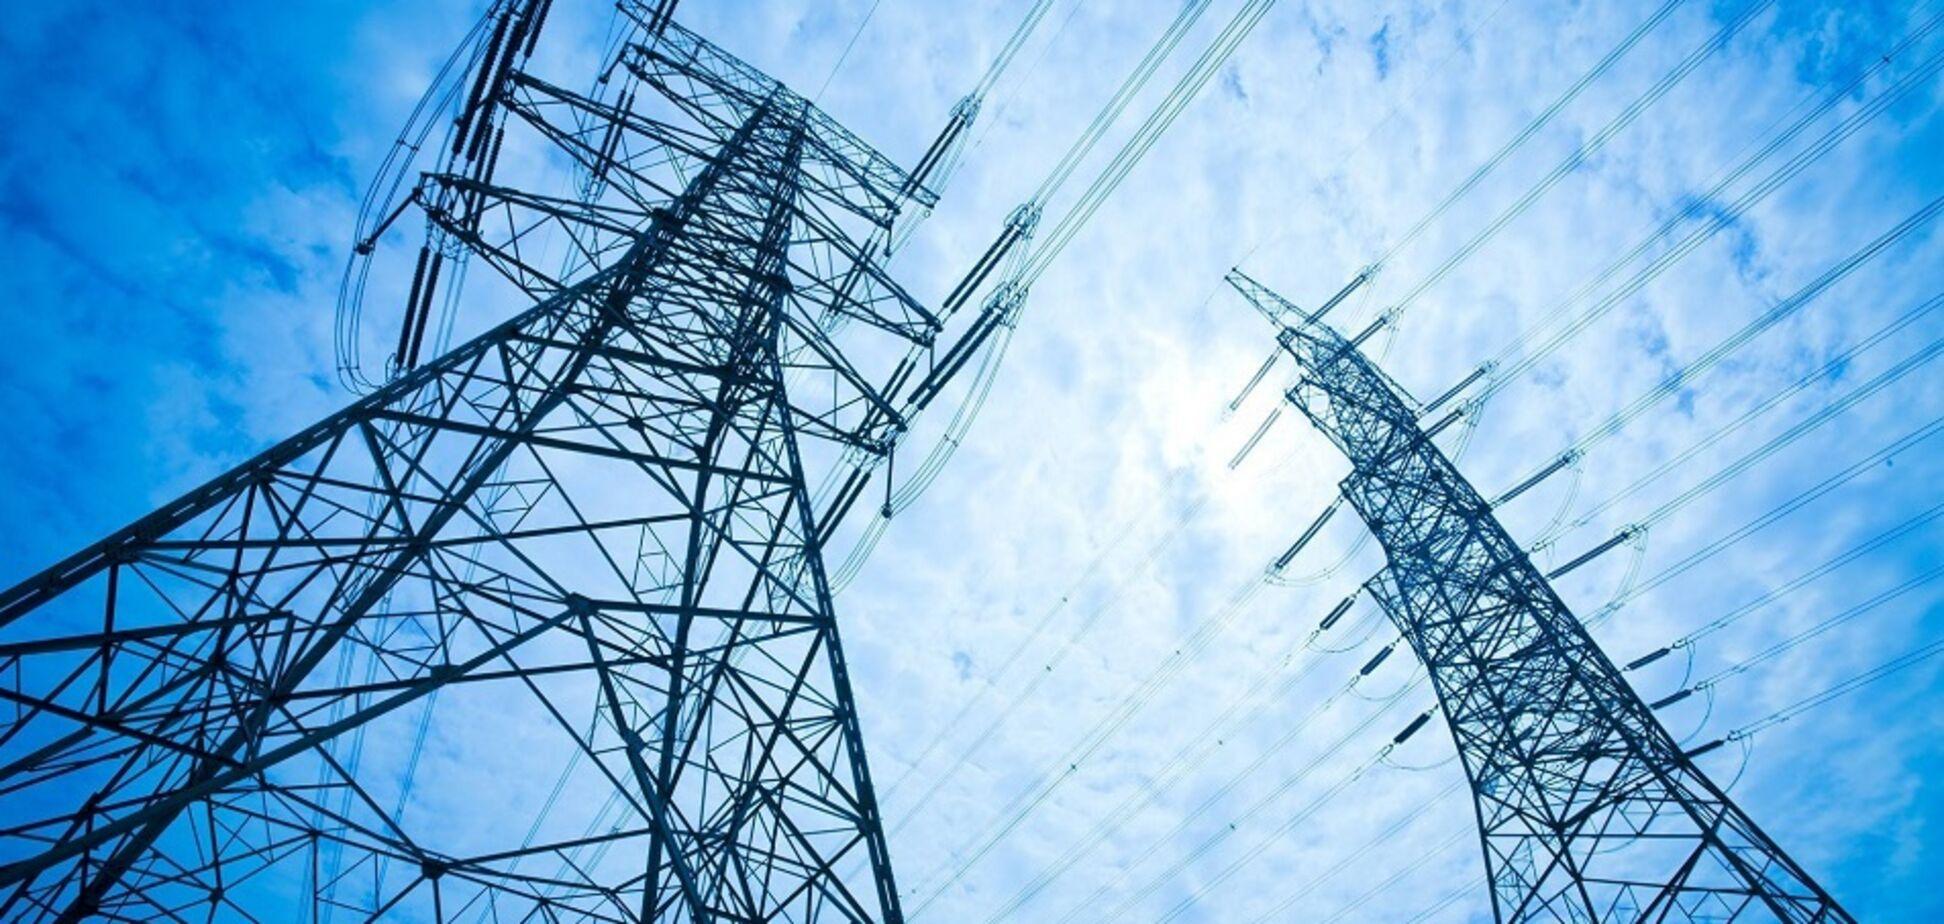 Правительство отменило льготную цену 90 коп./кВт.час на первые 100 кВт.час месячного потребления